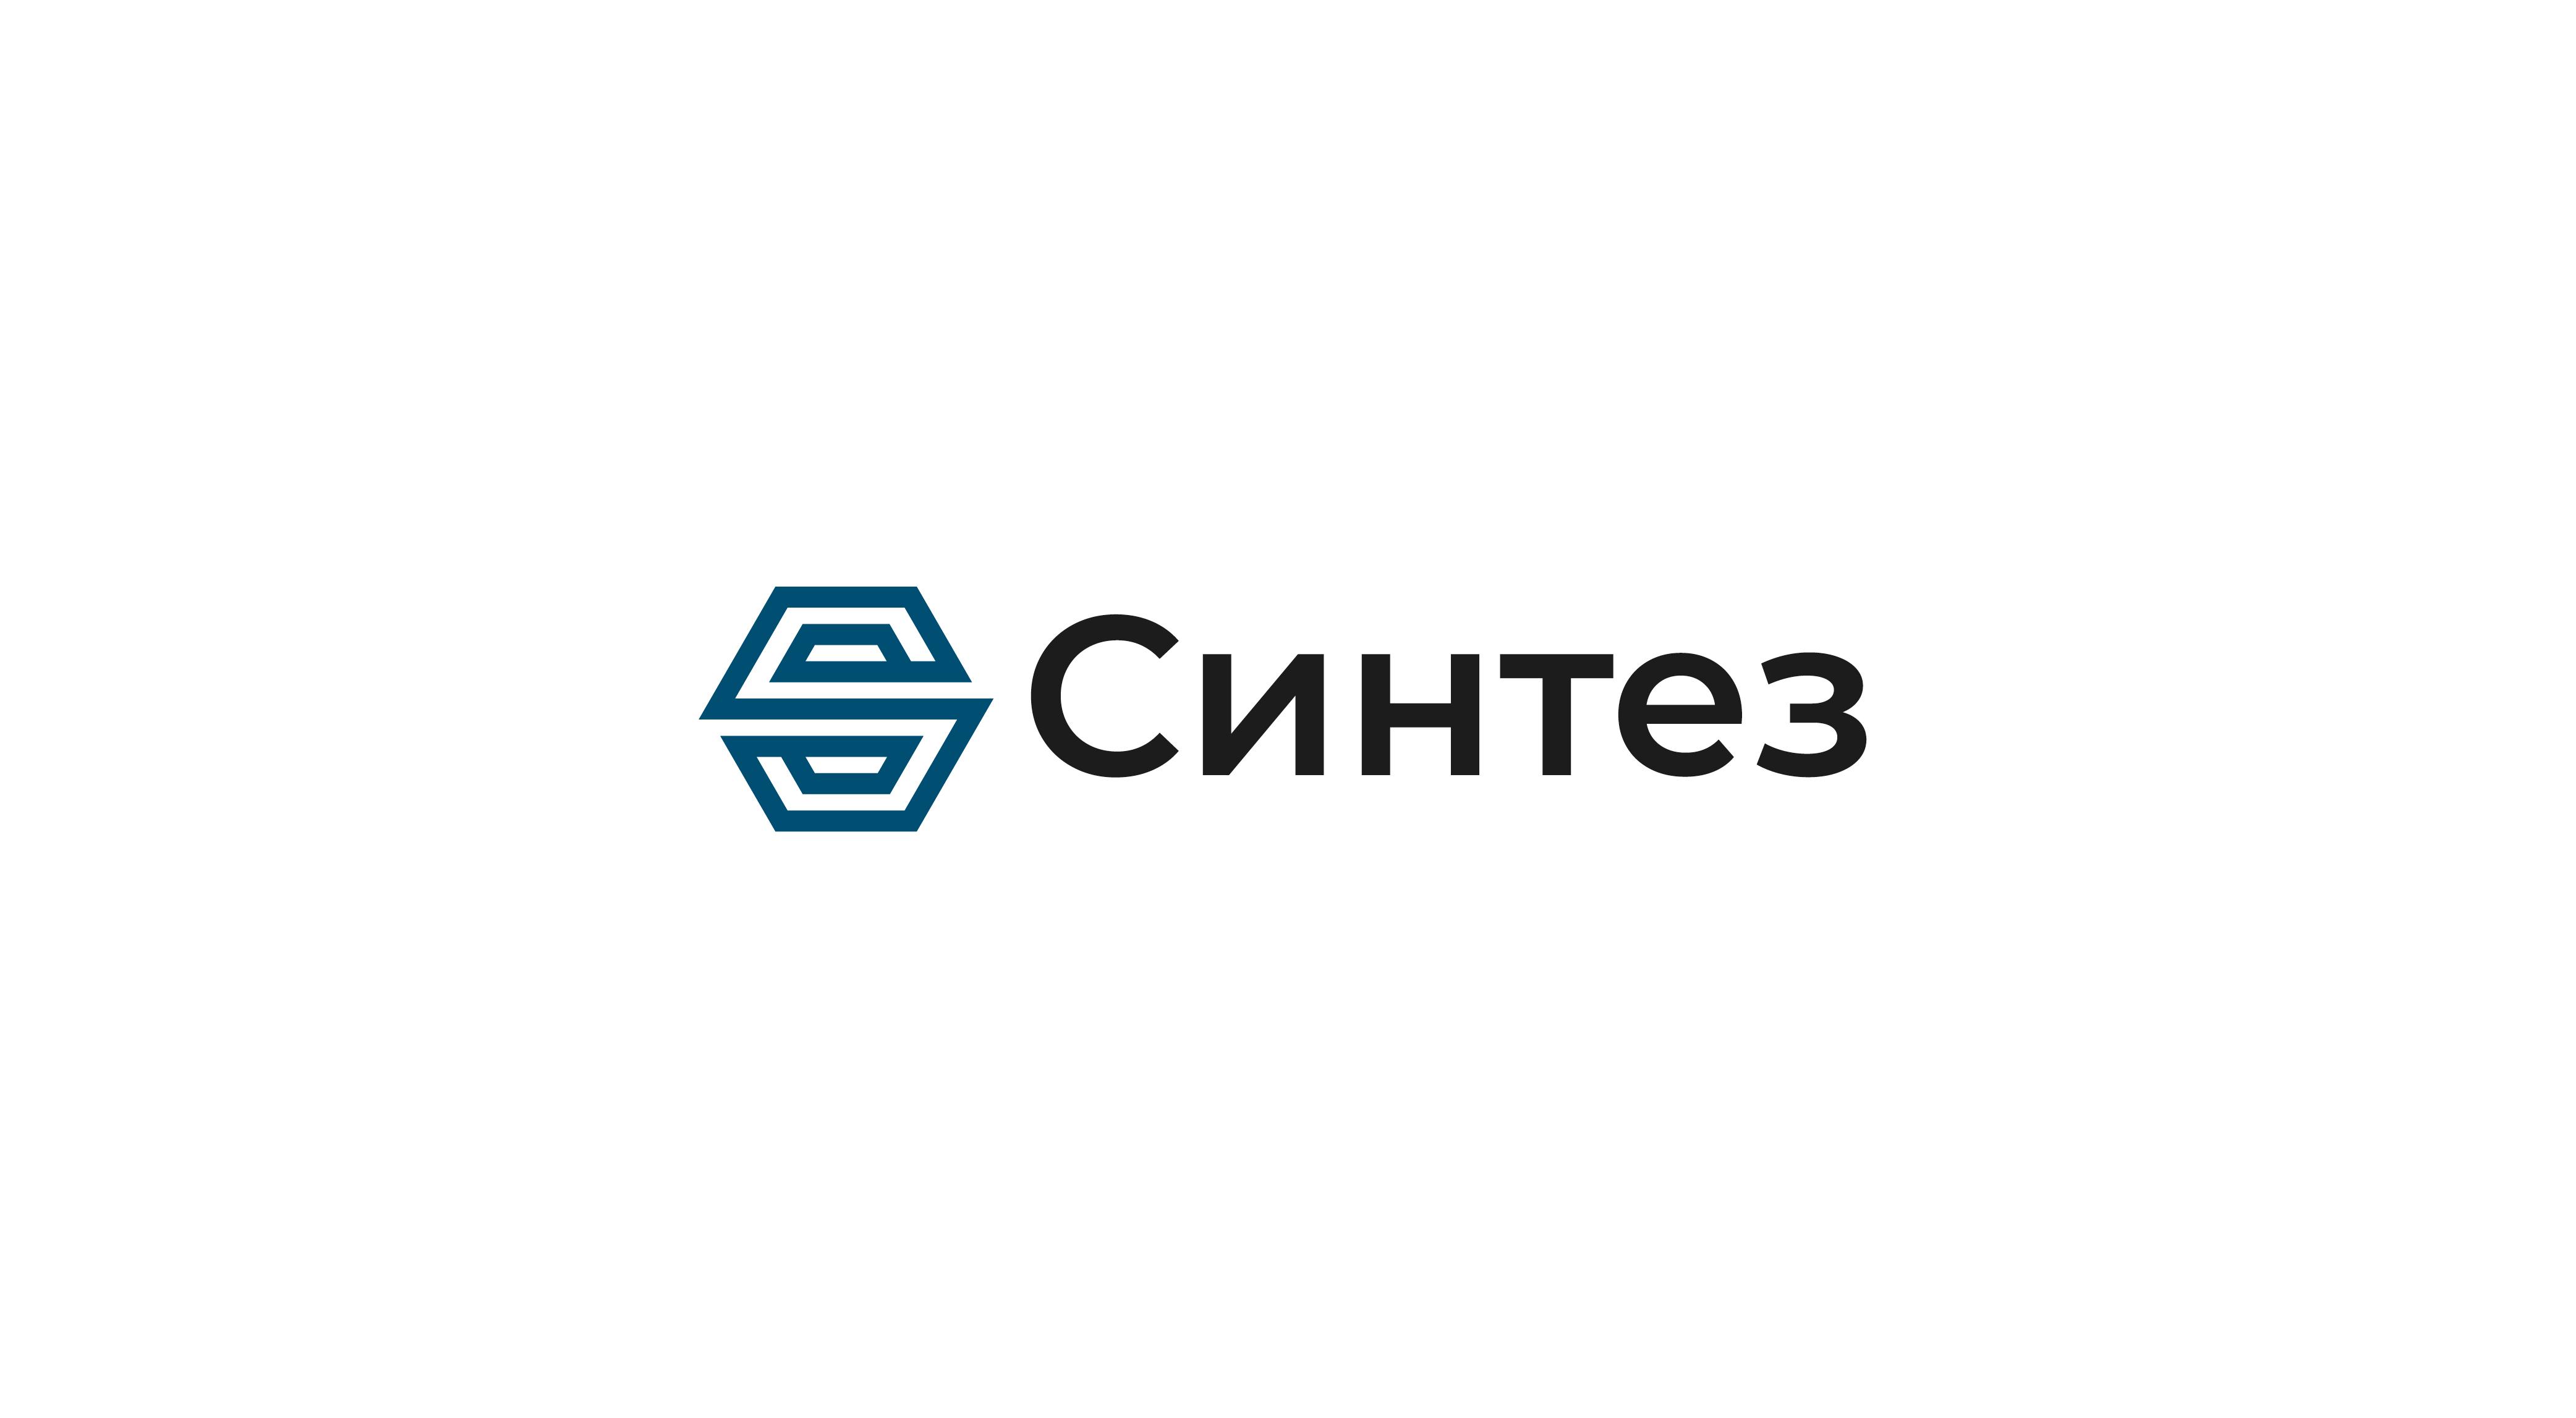 Разрабтка логотипа компании и фирменного шрифта фото f_3795f60a6bcc4a09.jpg